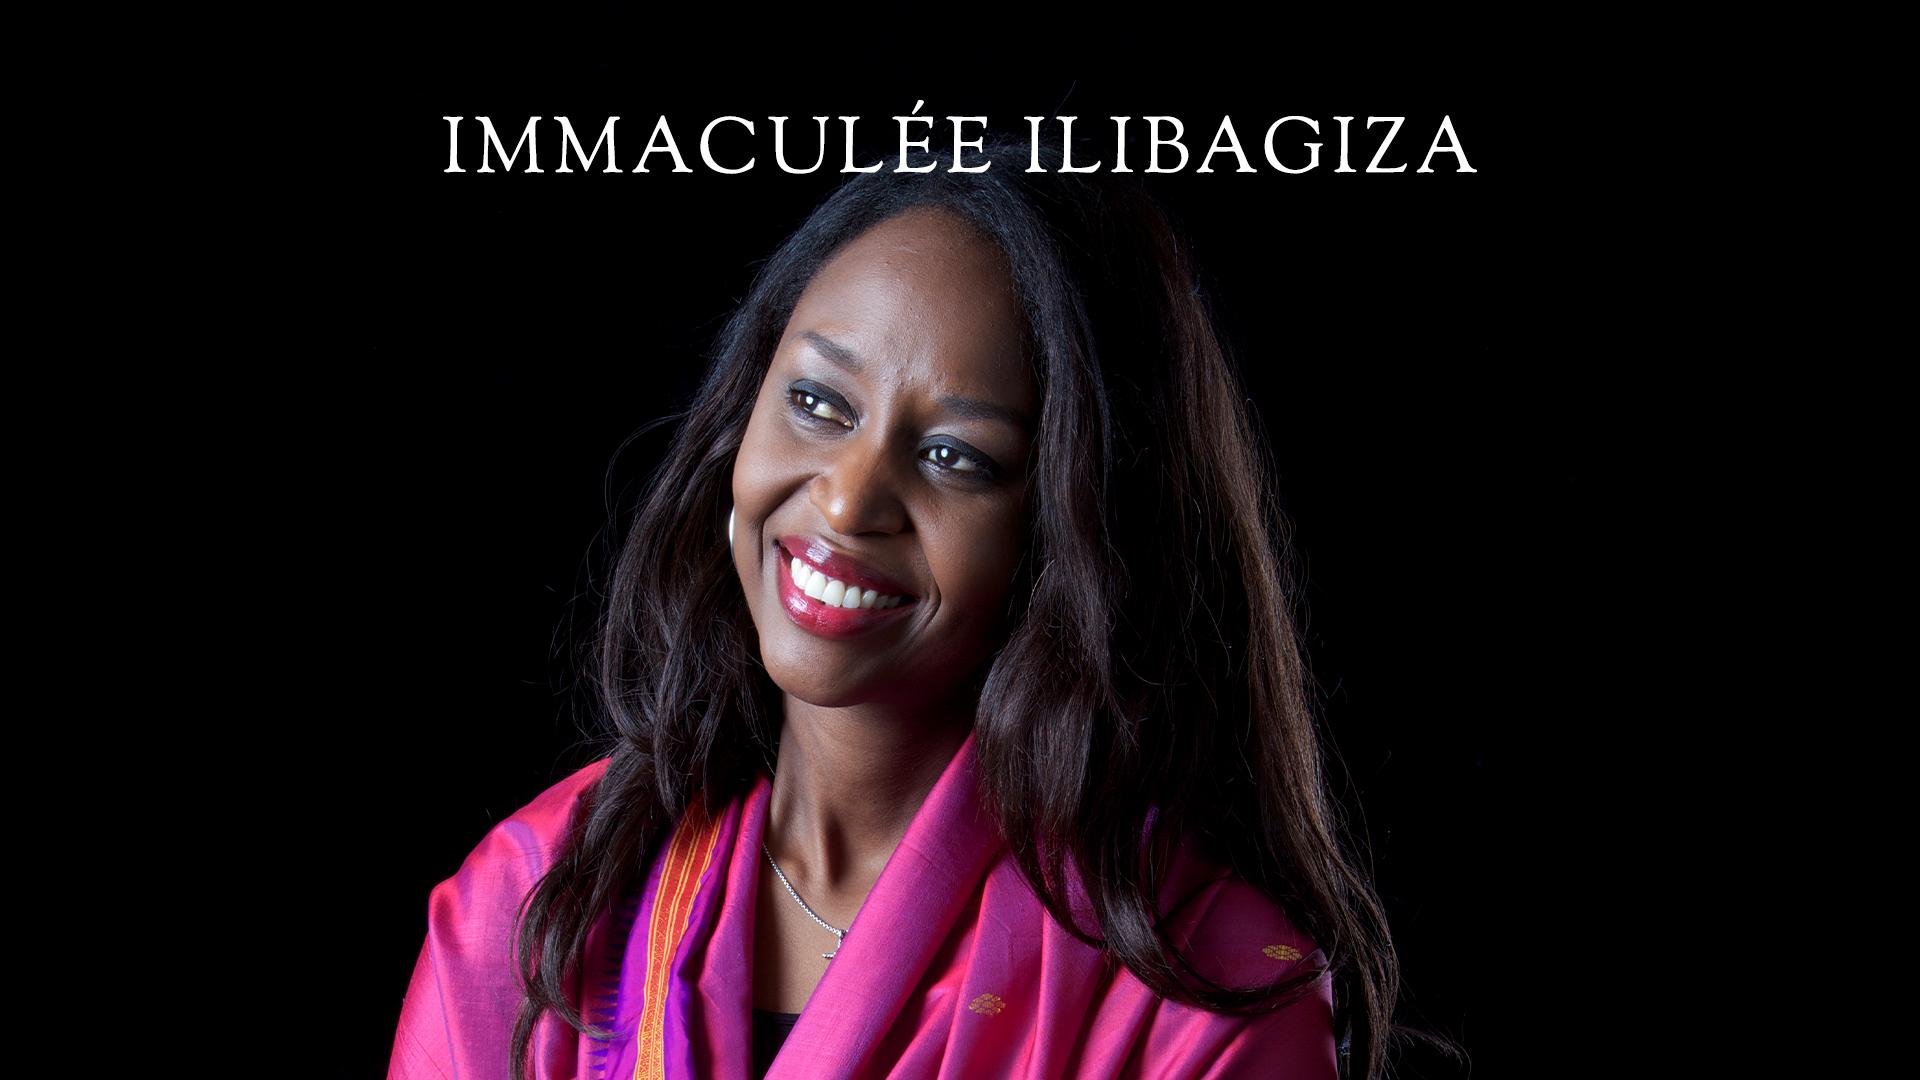 Immaculée+Ilibagiza_WEB.jpg